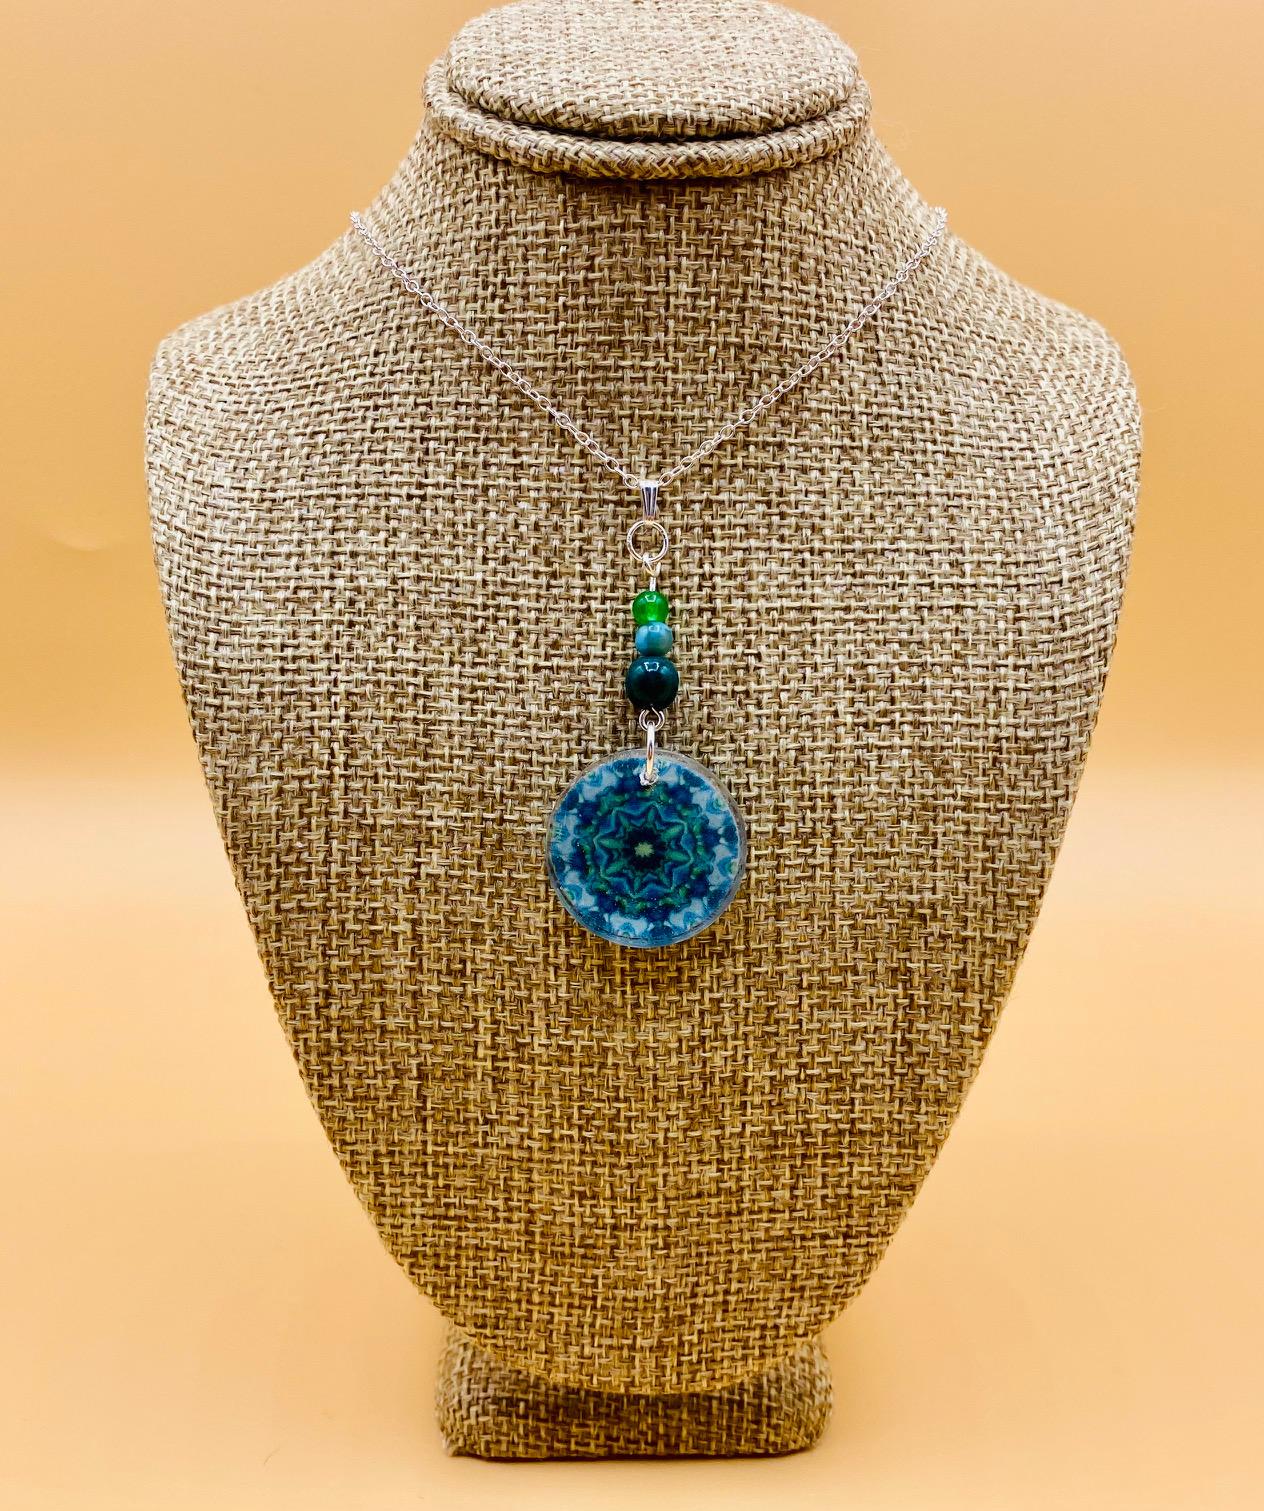 Friendship Mandala Necklace